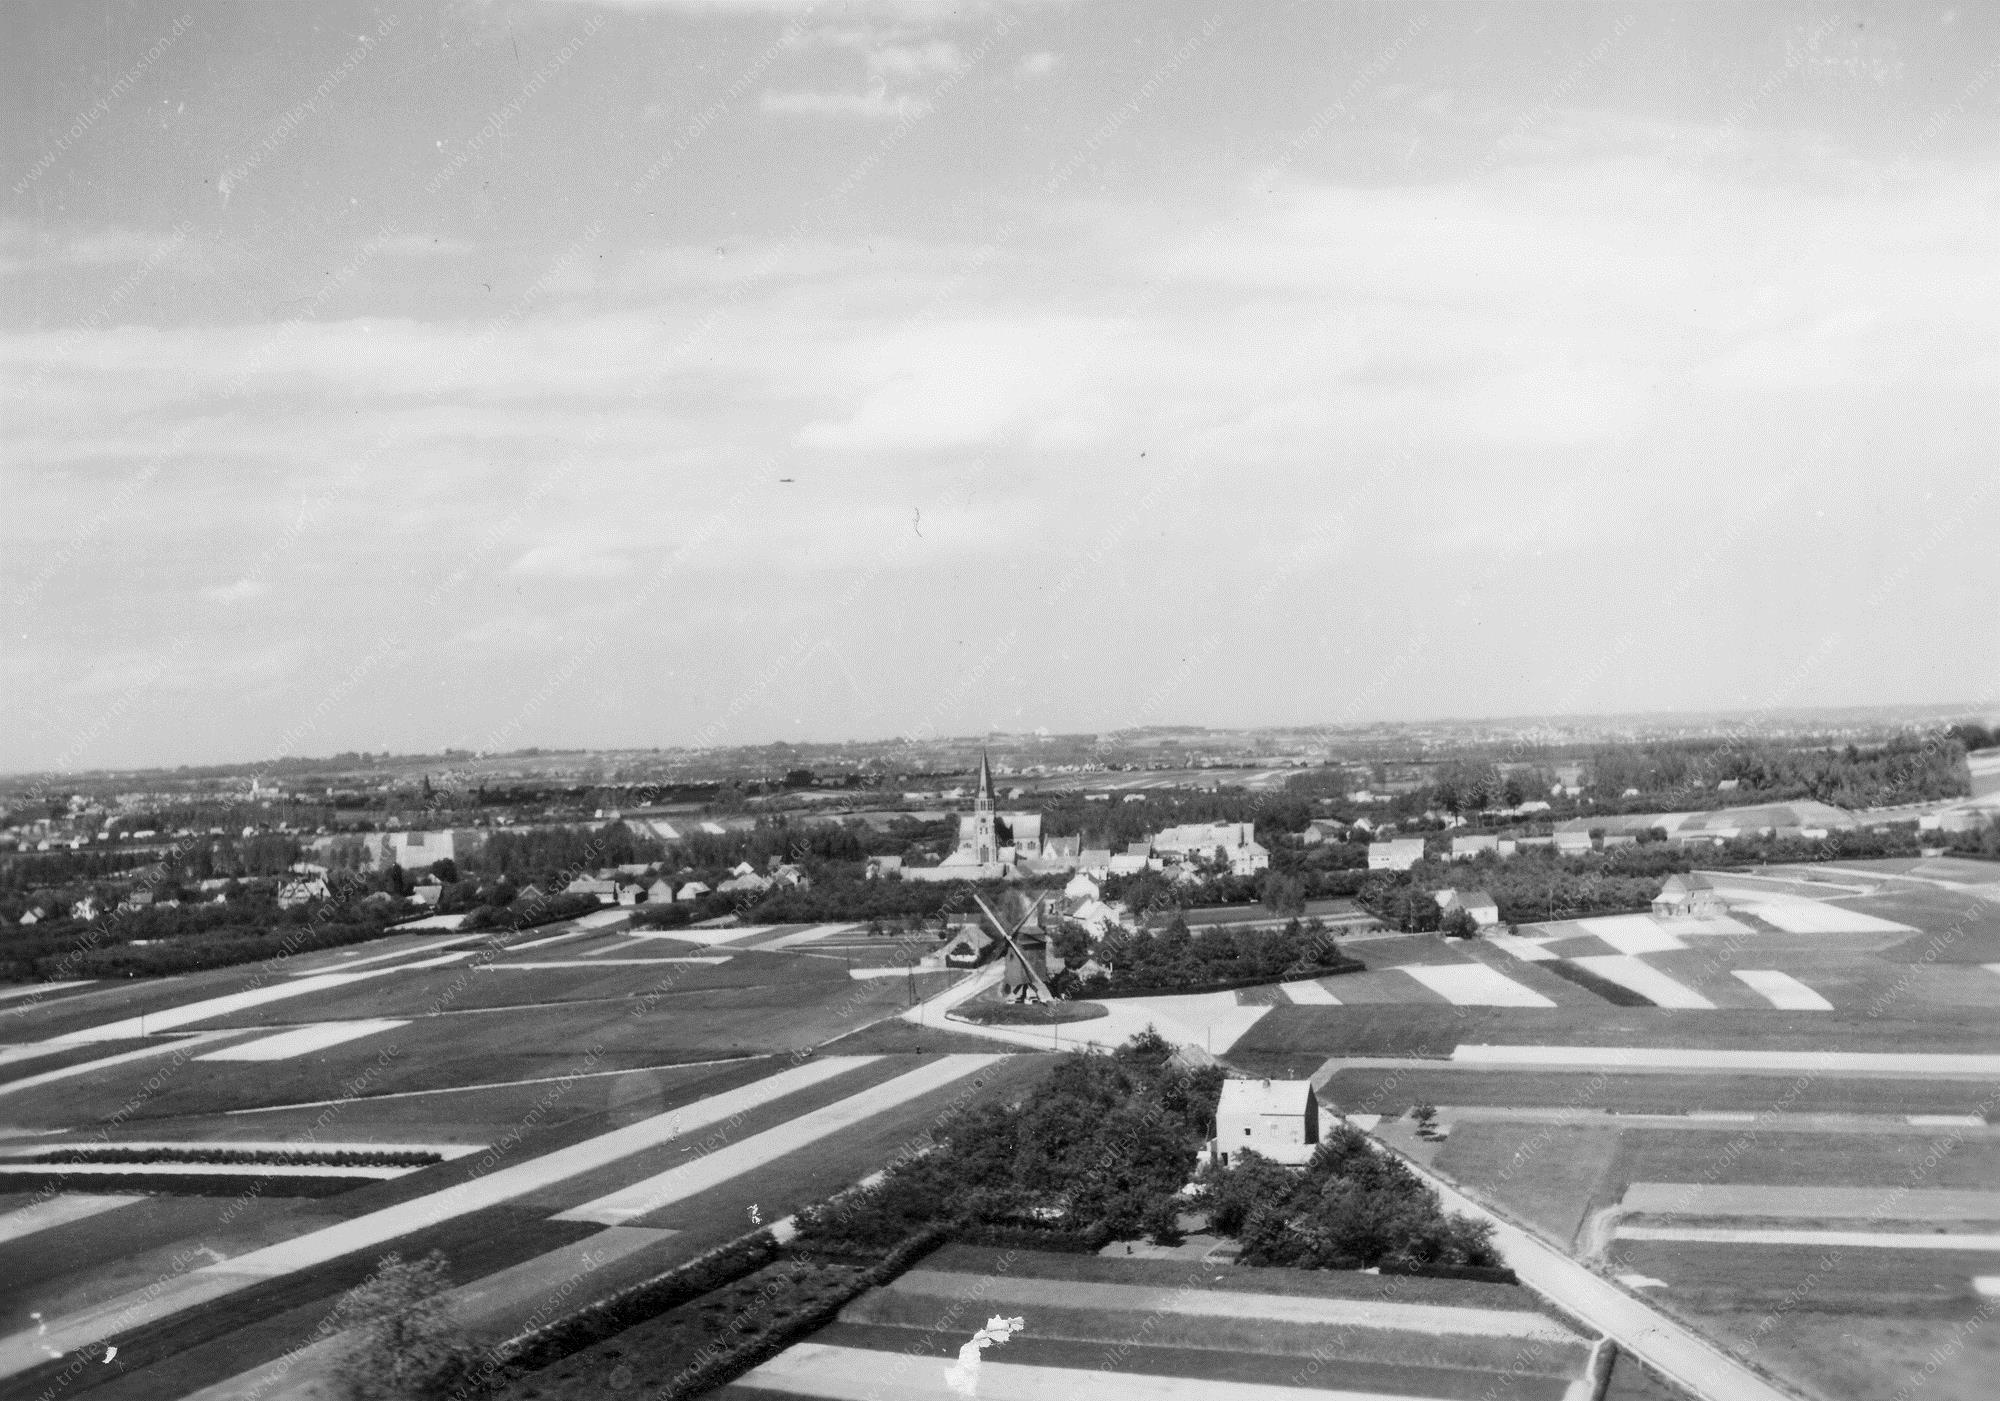 Luftbild der Gemeinde Roosdaal mit Sint-Gaugericuskerk (Belgien)